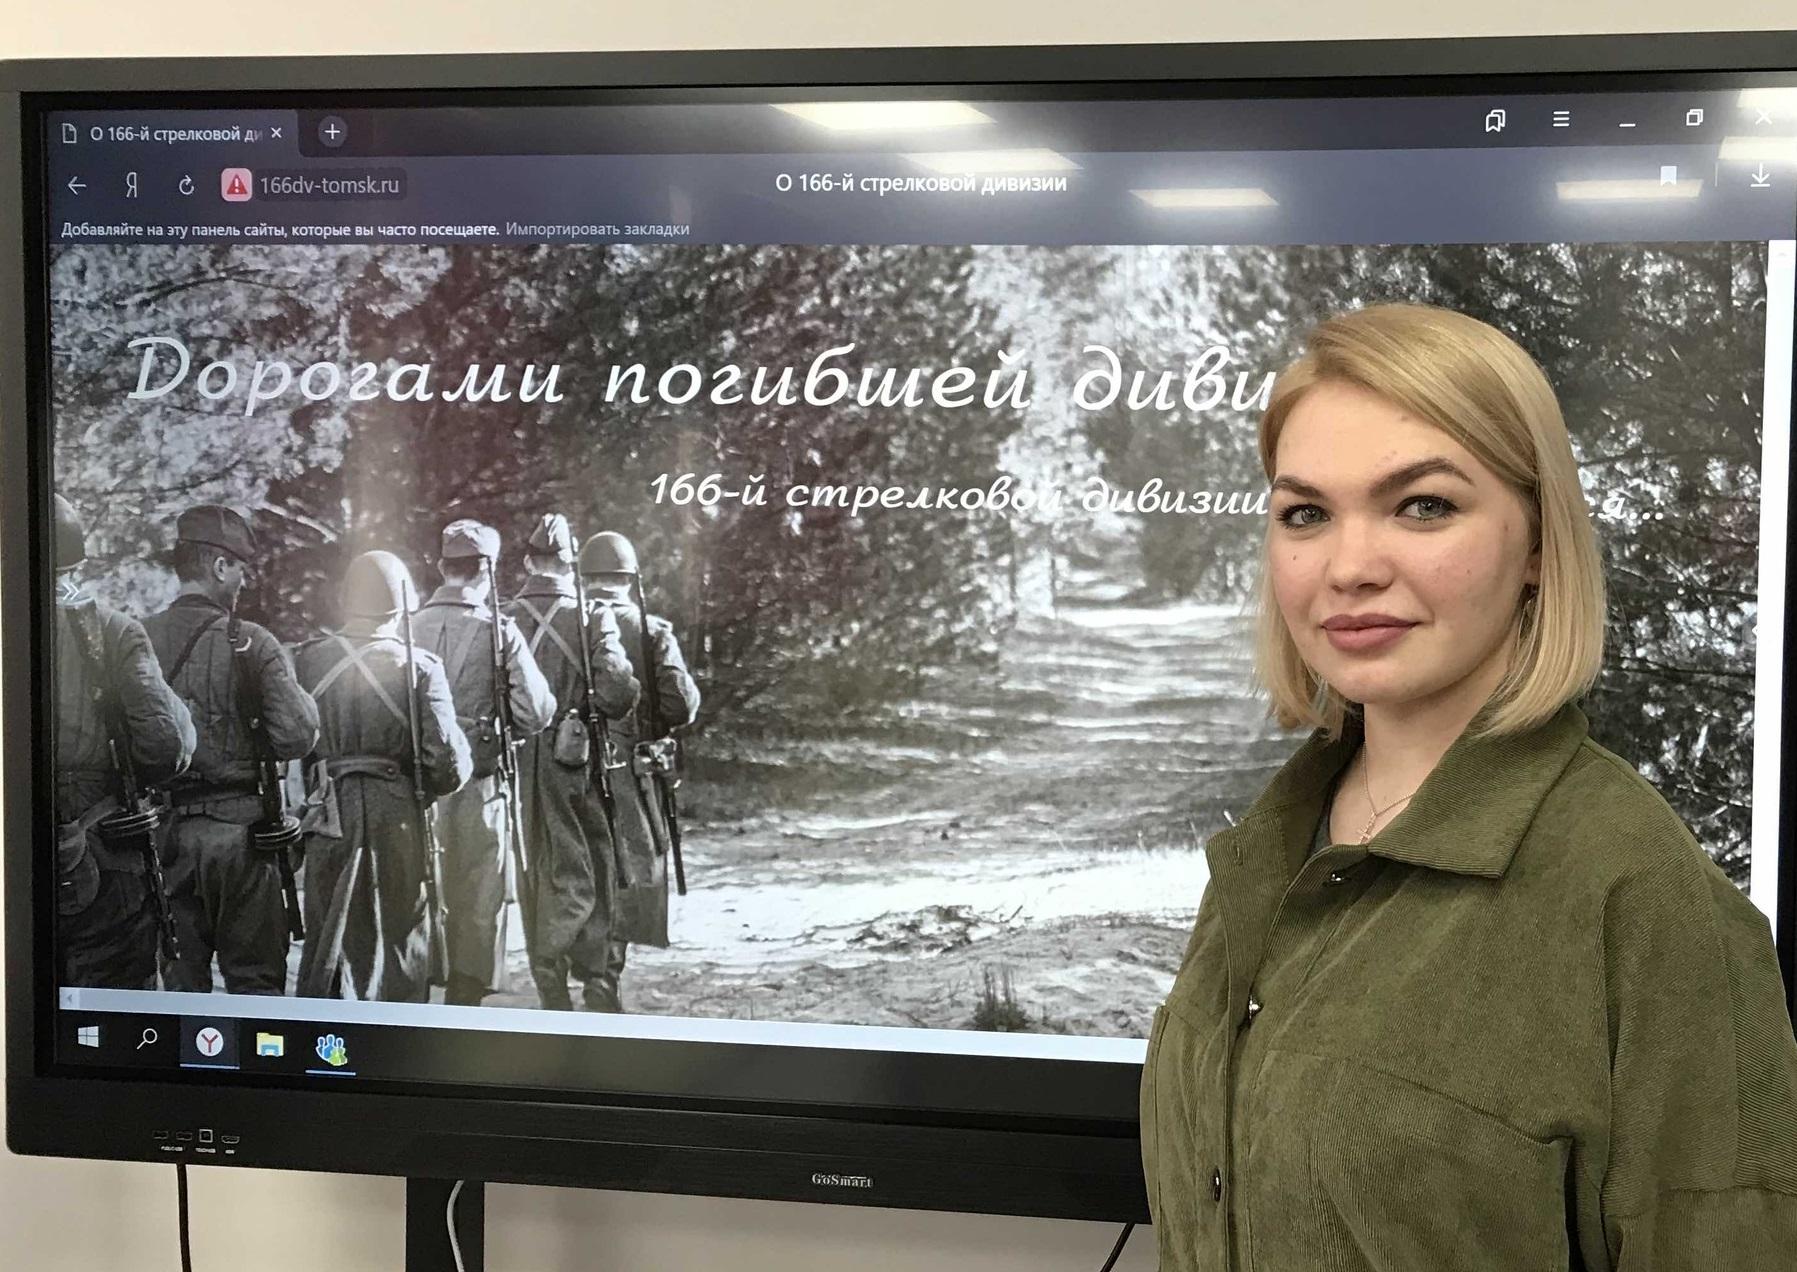 О сайте памяти 166-й стрелковой дивизии